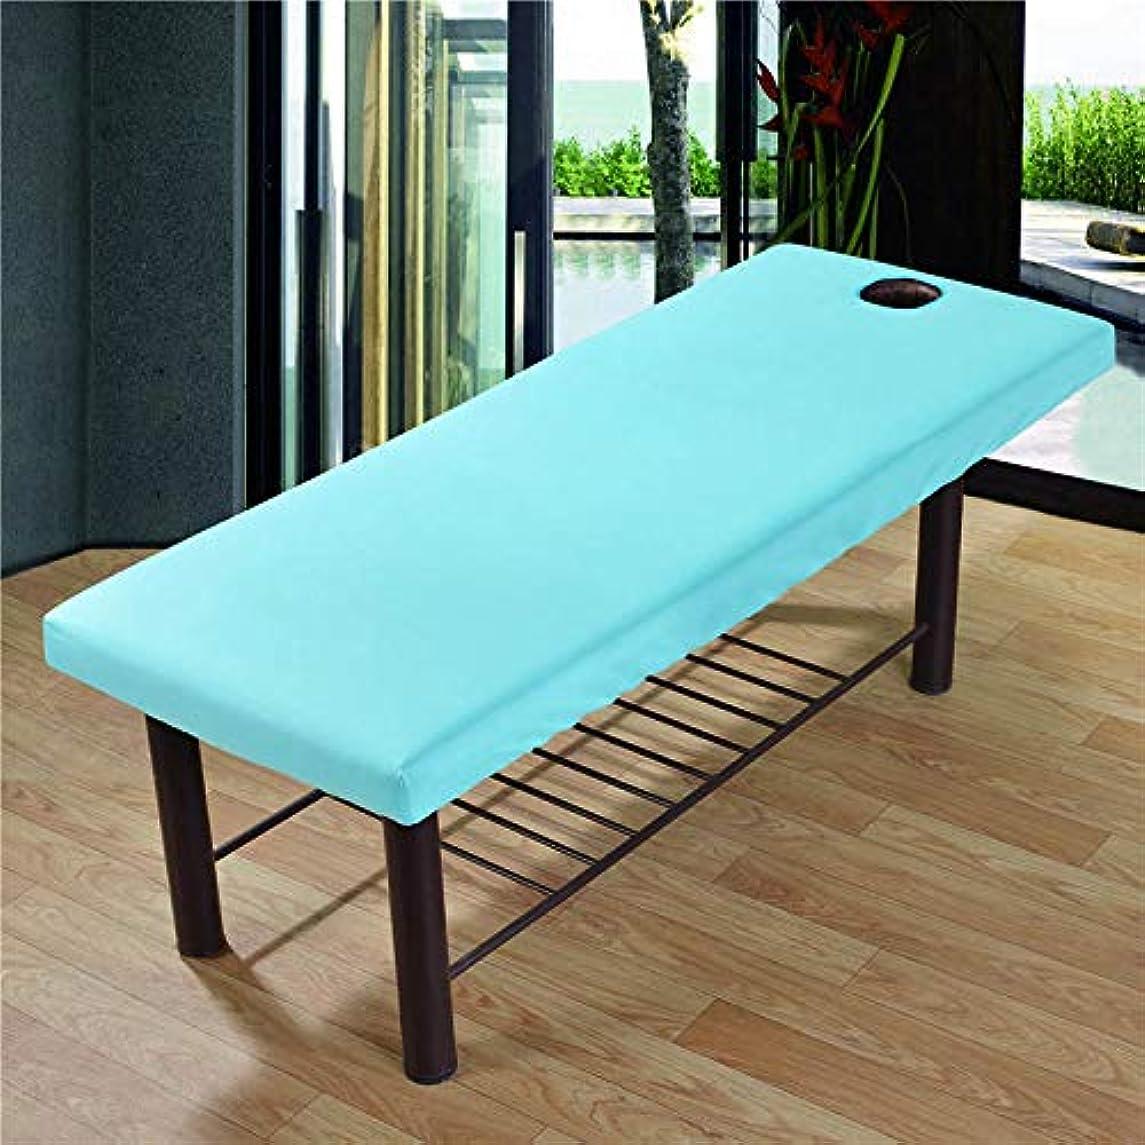 マイクロフォン代わりにを立てる振る舞いProfeel 美容院のマッサージ療法のベッドのための柔らかいSoliod色の長方形のマットレス